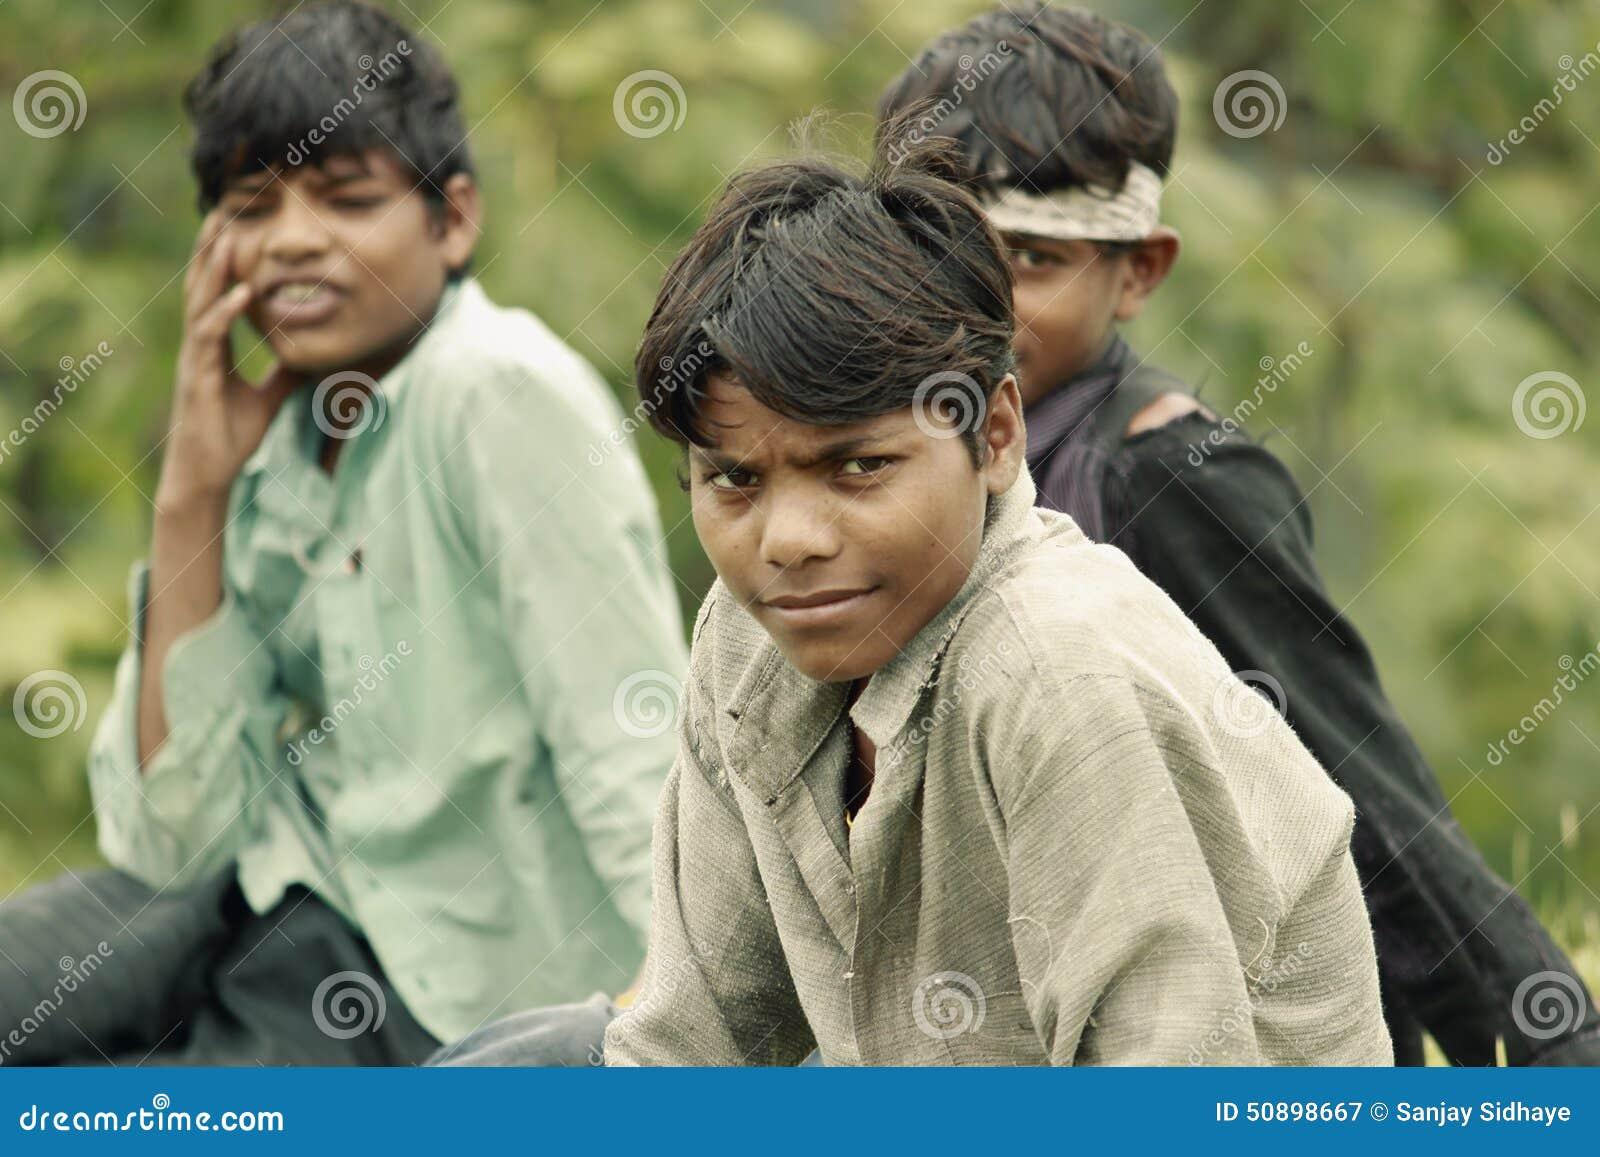 image Image of village boy fucking hard